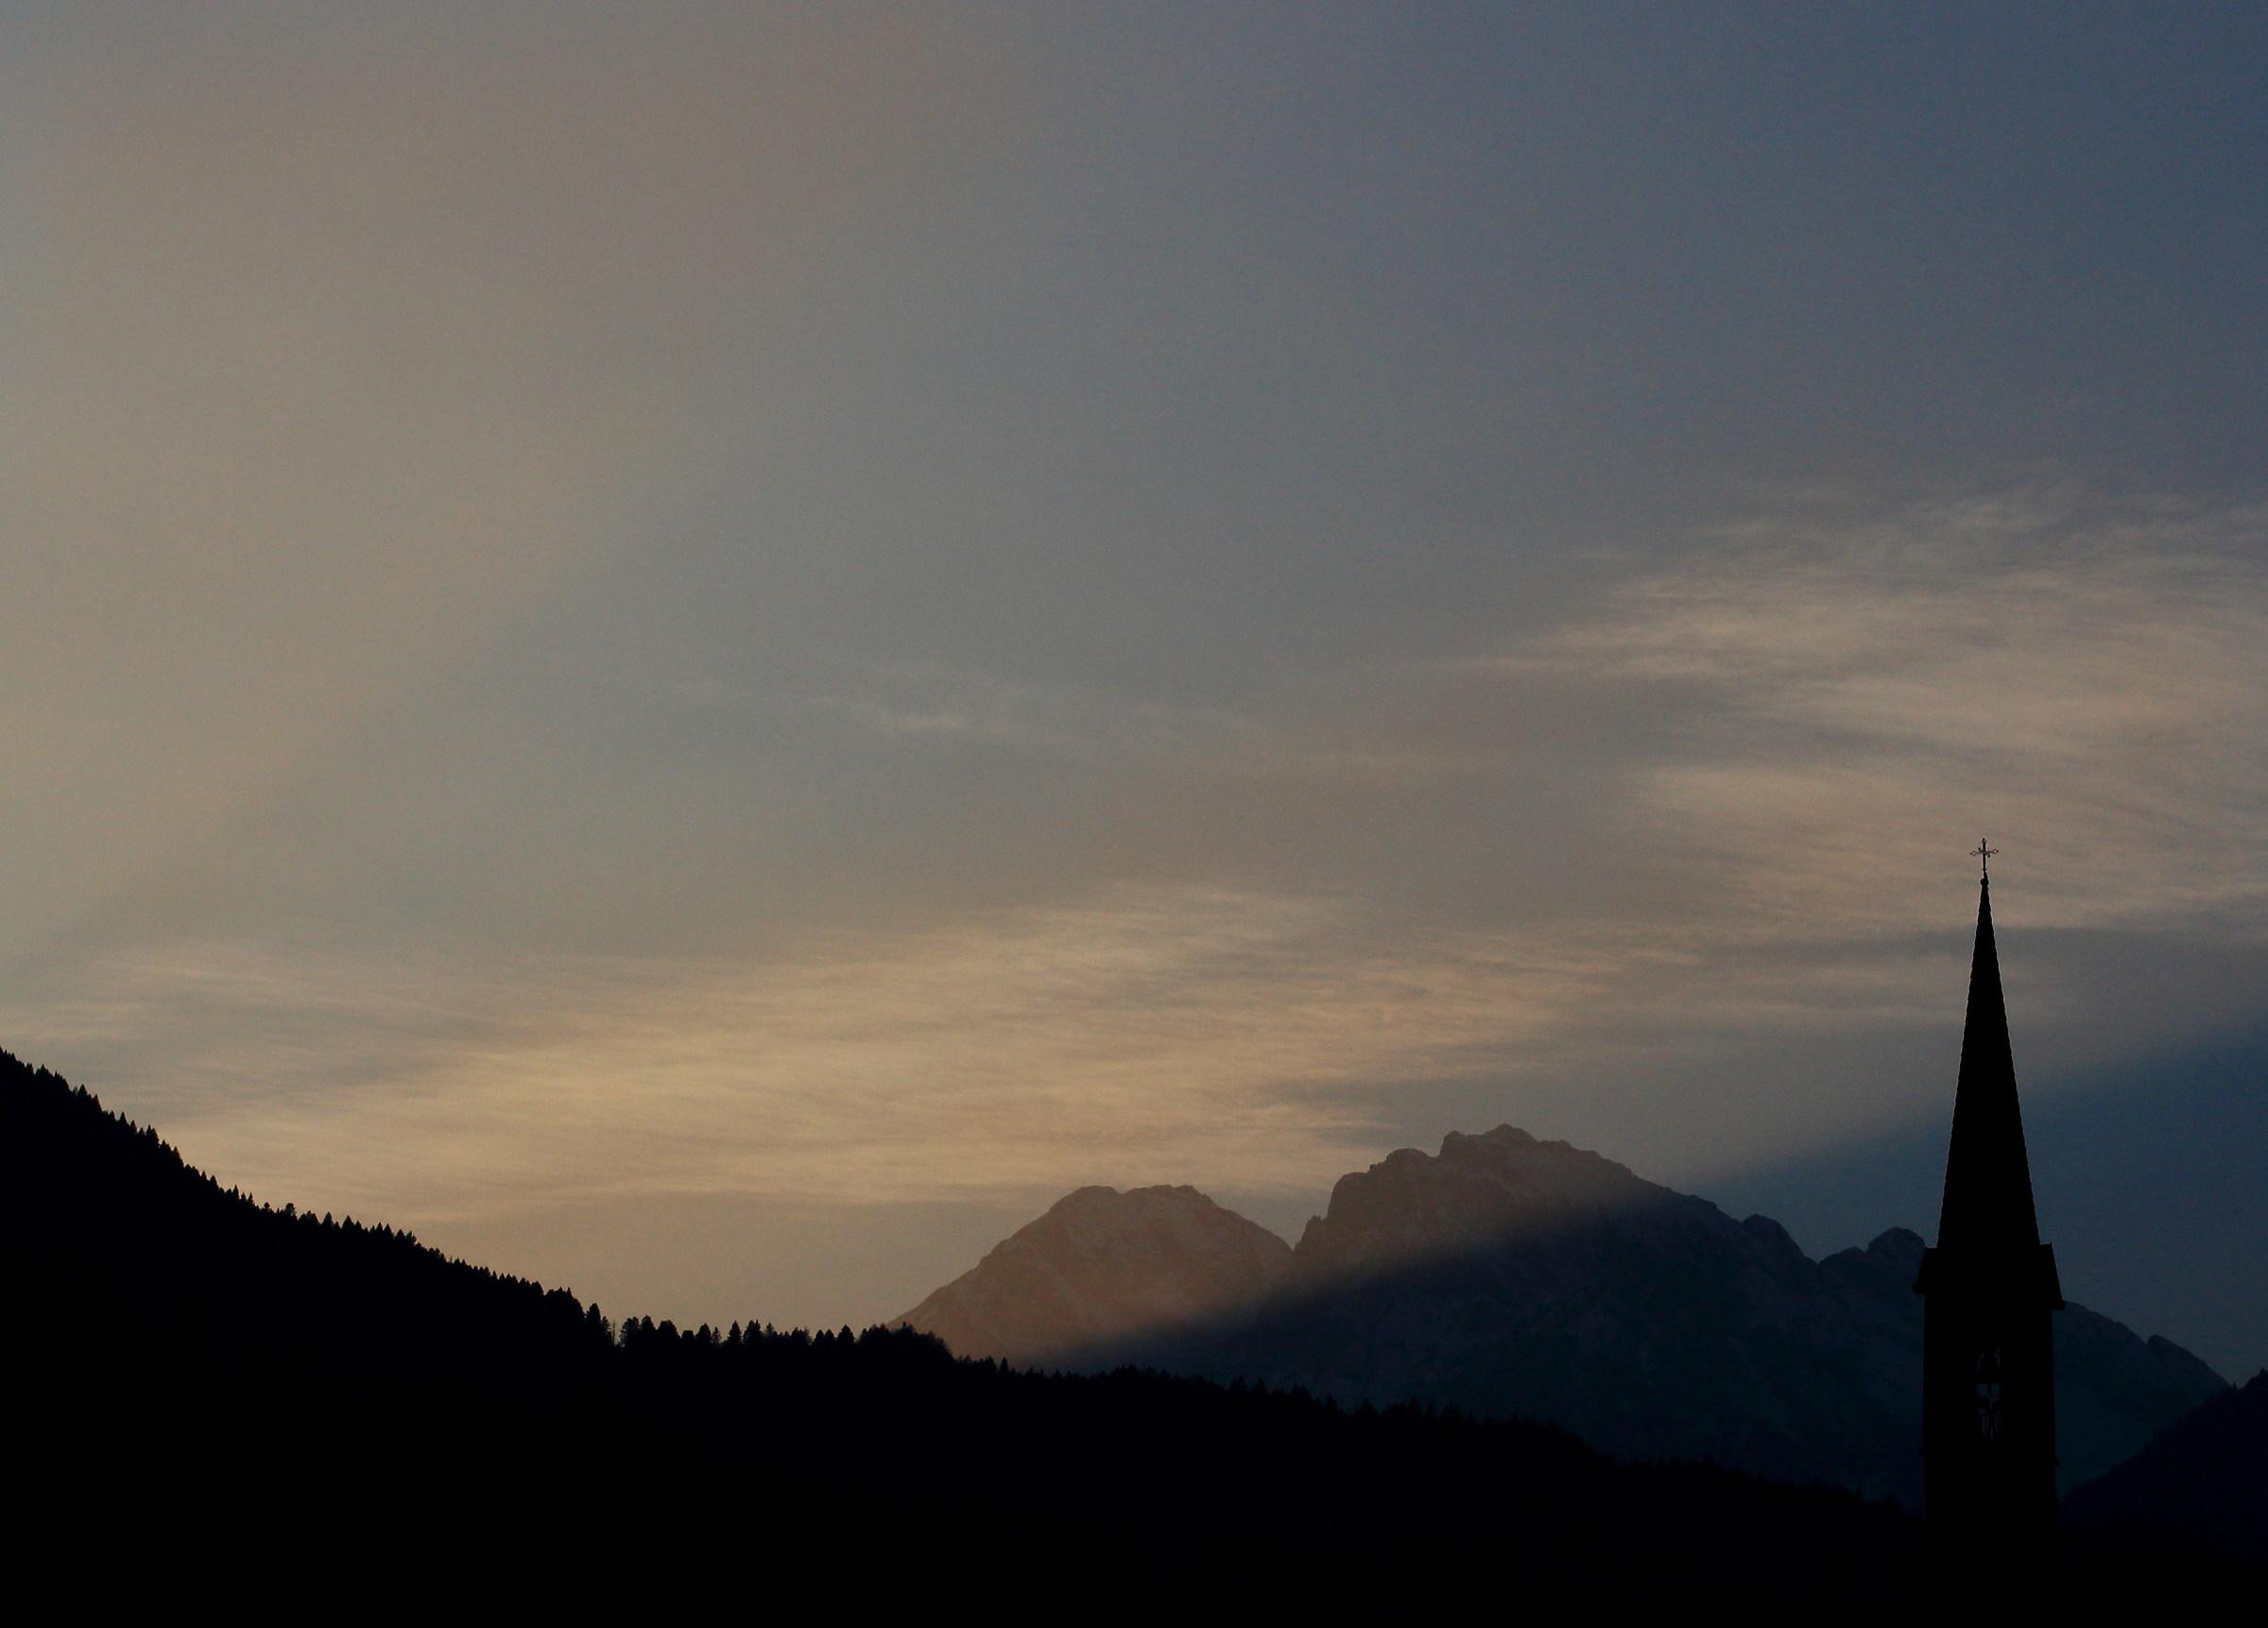 Il sole tramontato dietro i Monti...